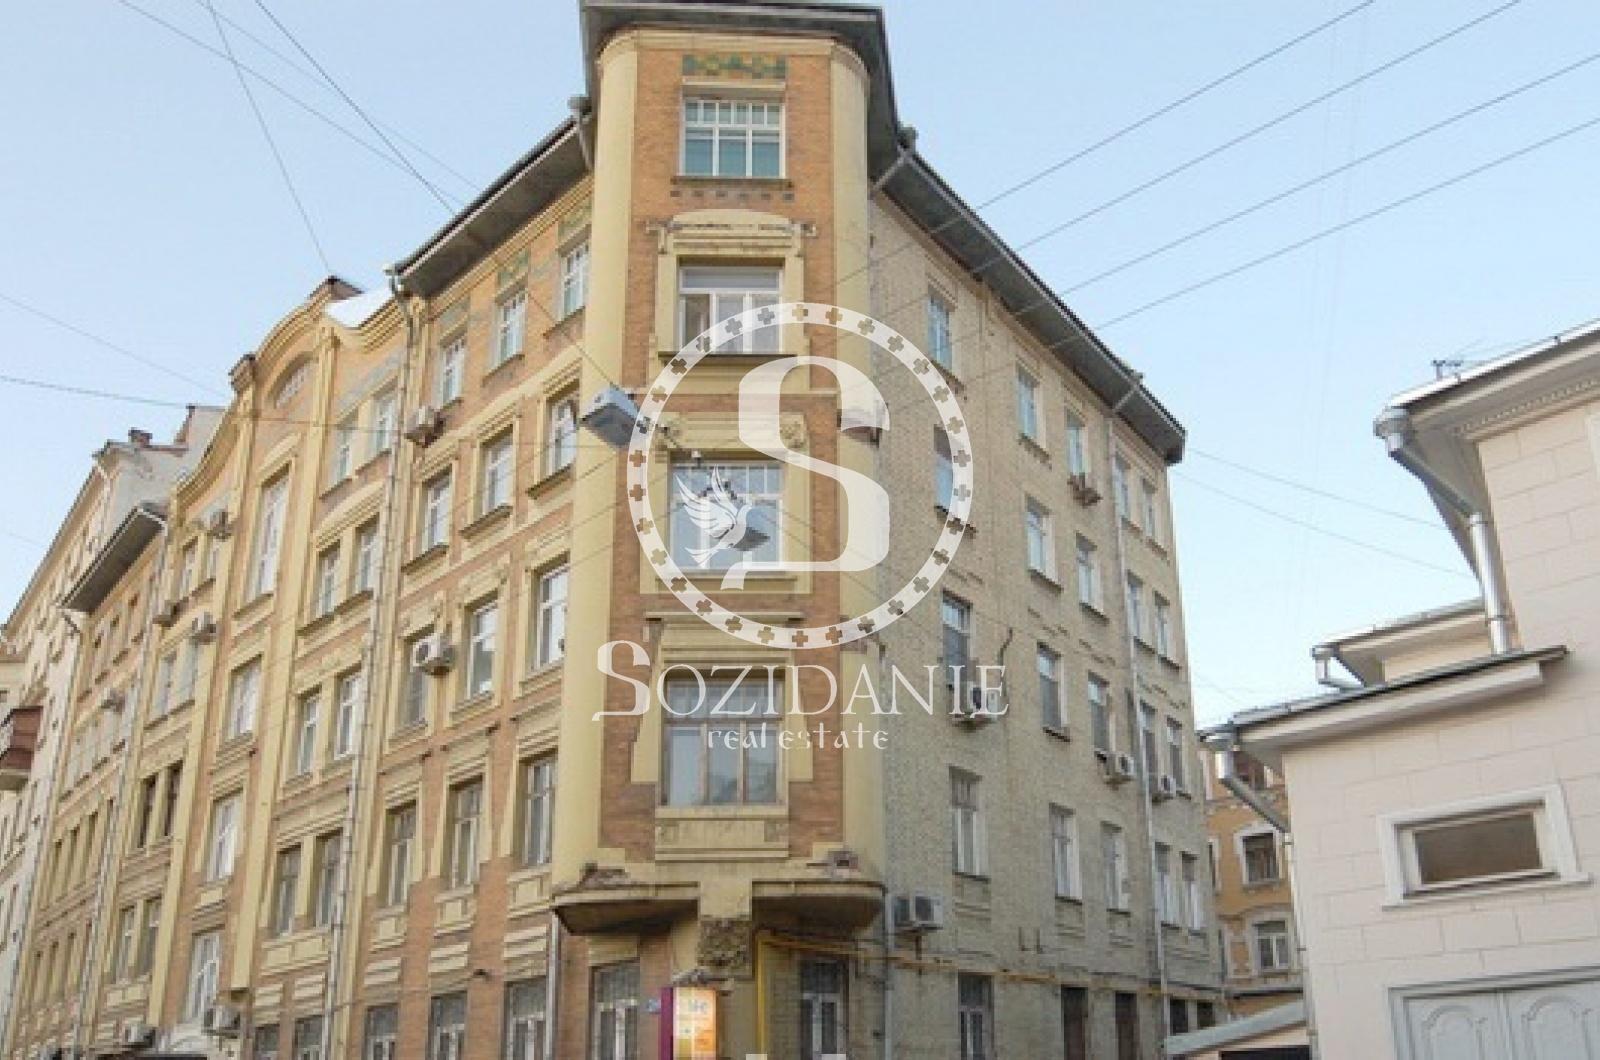 3 Комнаты, Городская, Аренда, Трубниковский переулок, Listing ID 3581, Москва, Россия,